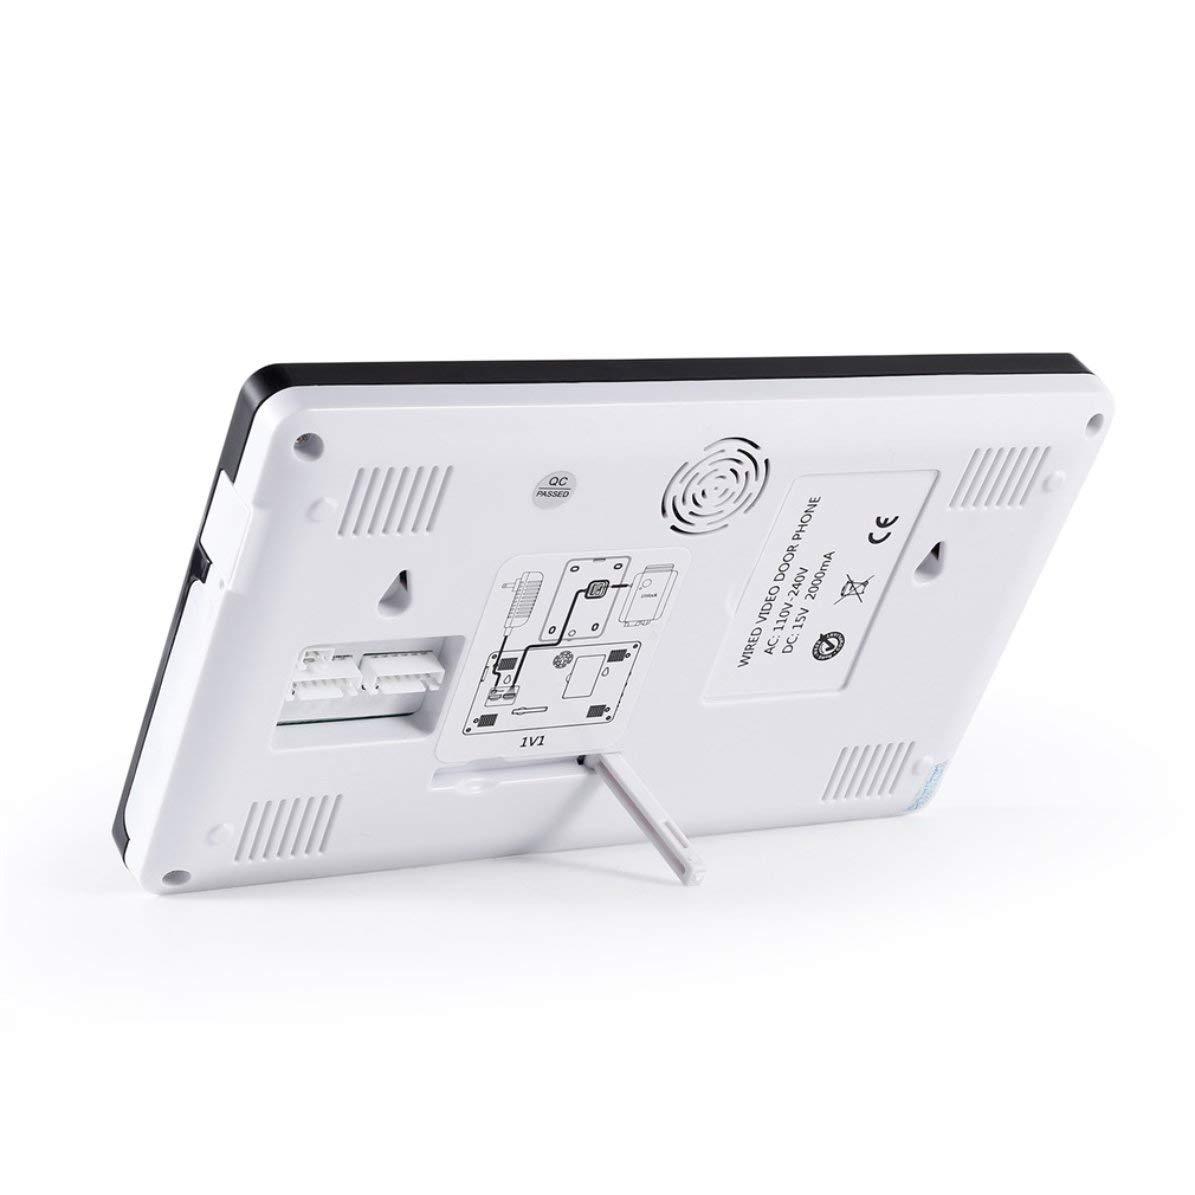 Sistema de intercomunicaci/ón con portero autom/ático de video Monitor interior en color de 7 pulgadas y c/ámara para exteriores